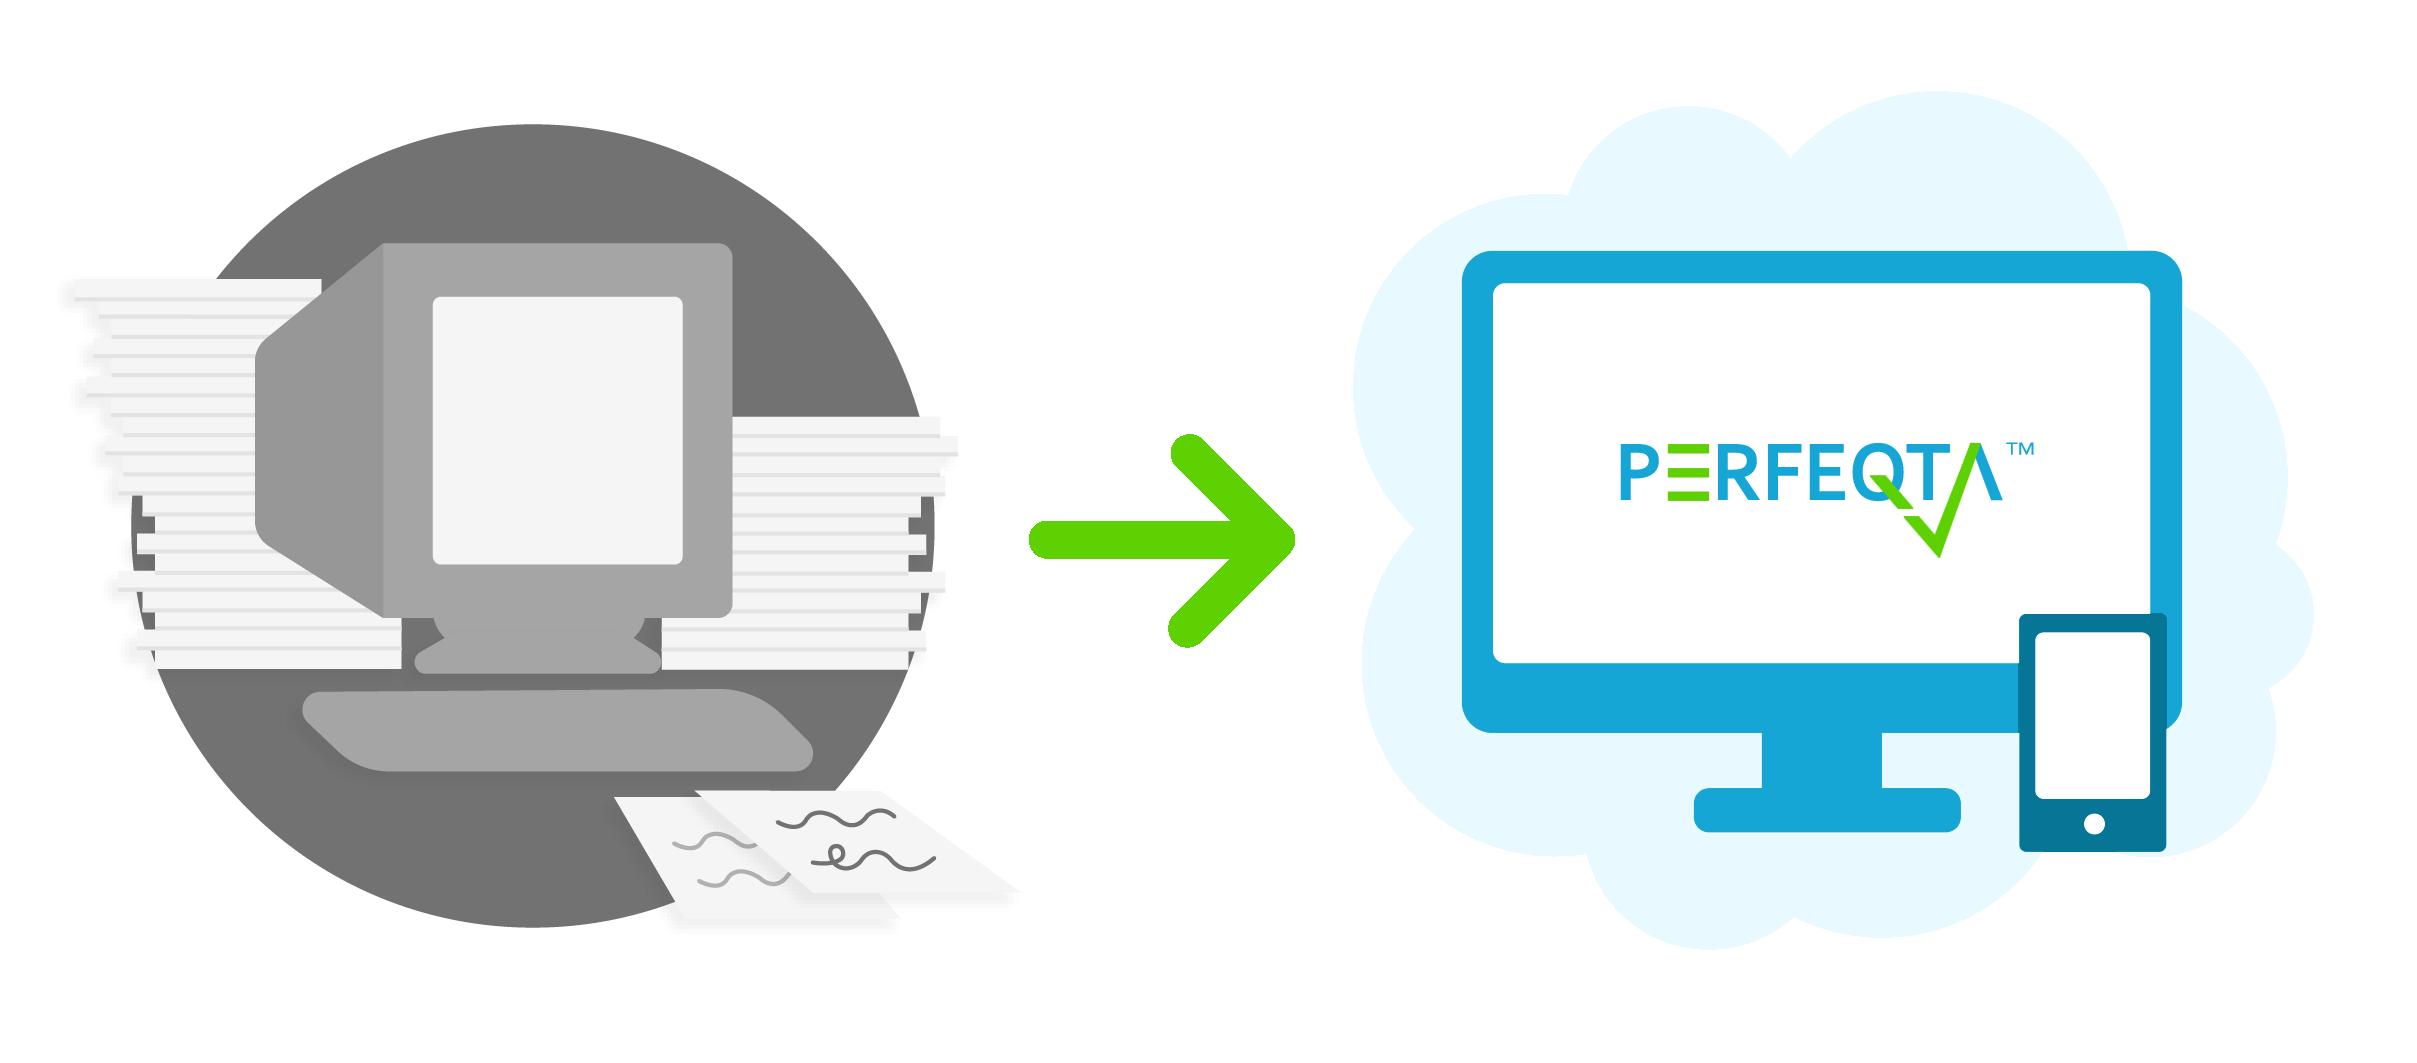 PERFEQTA digital transformation